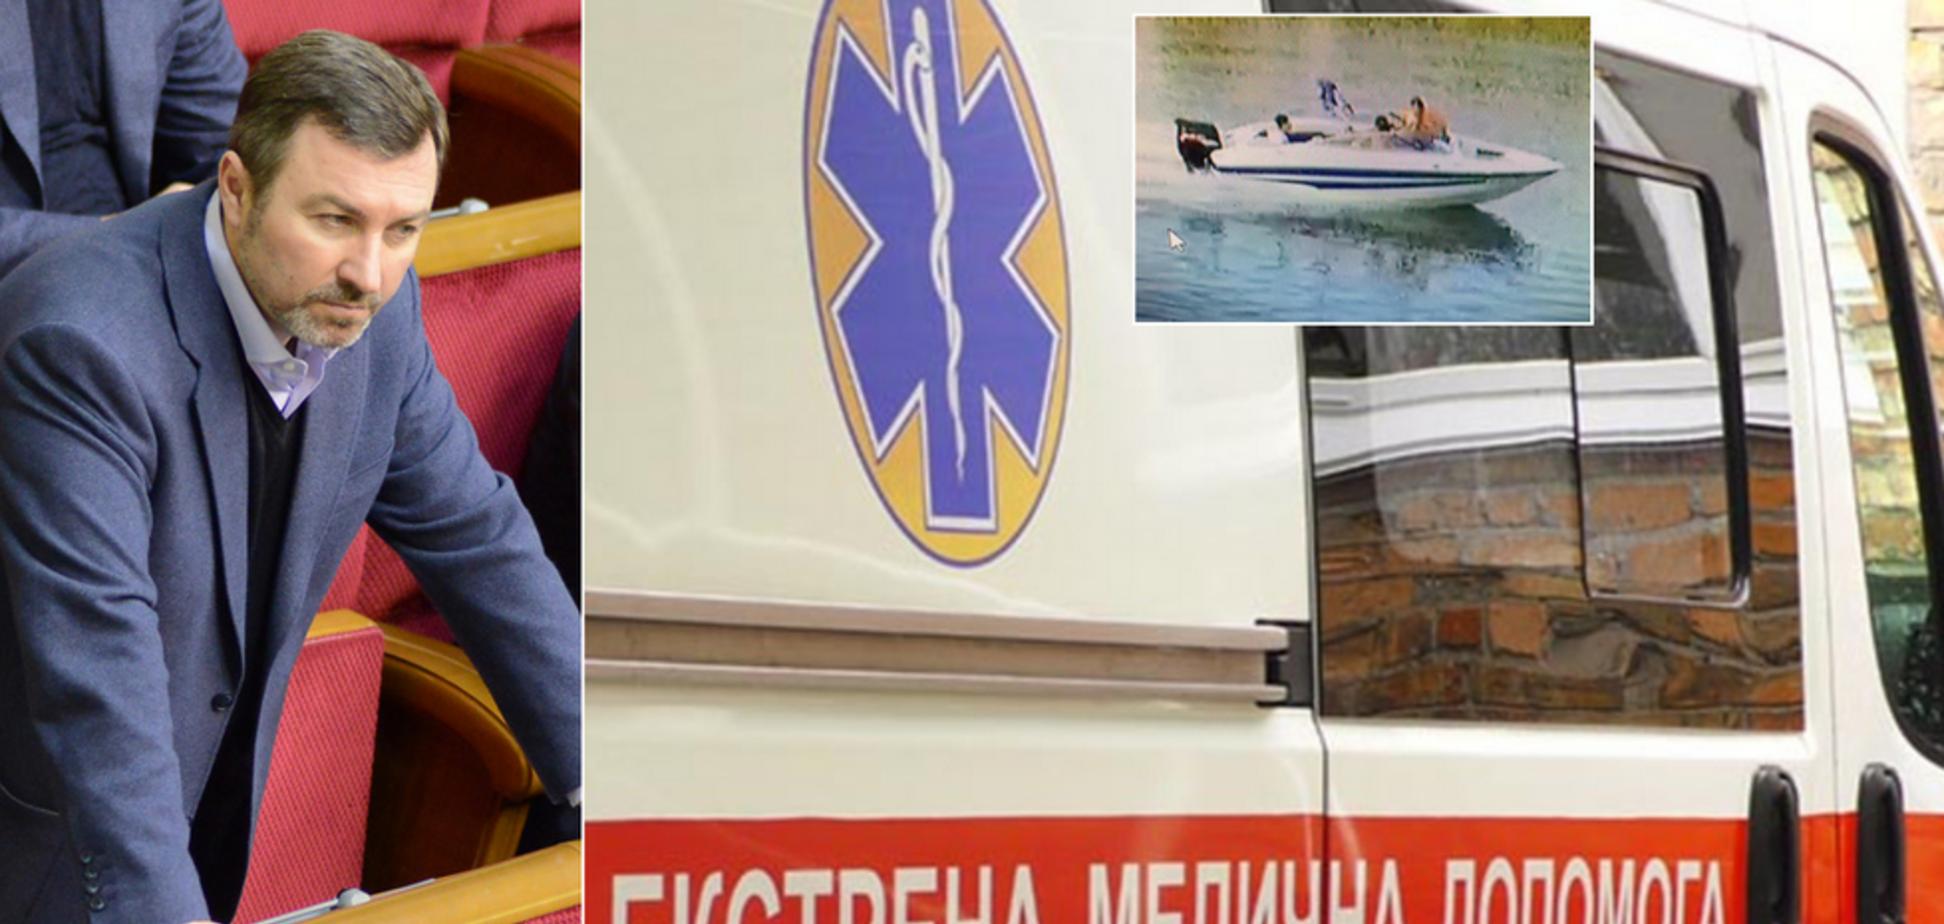 На Днепропетровщине два катера столкнулись лоб в лоб: пострадавшие обвинили бывшего нардепа-регионала